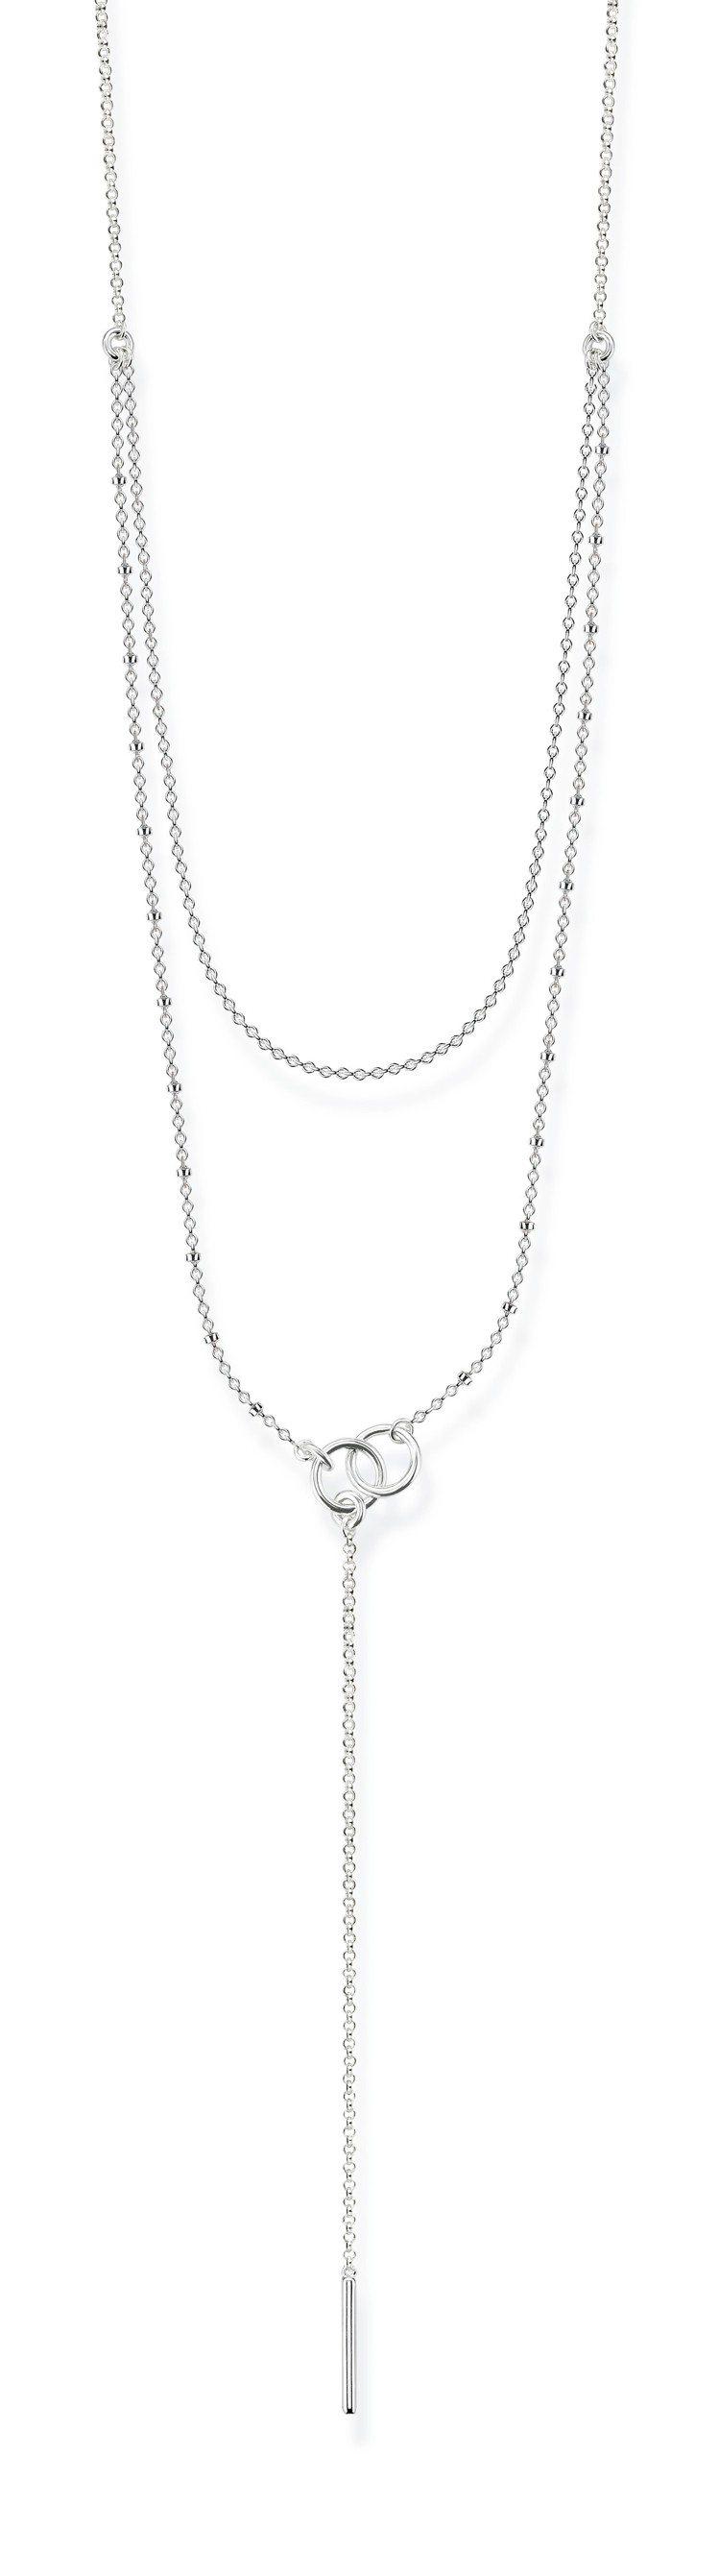 純銀雙層極簡項鍊,6,280元。圖/Thomas Sabo提供